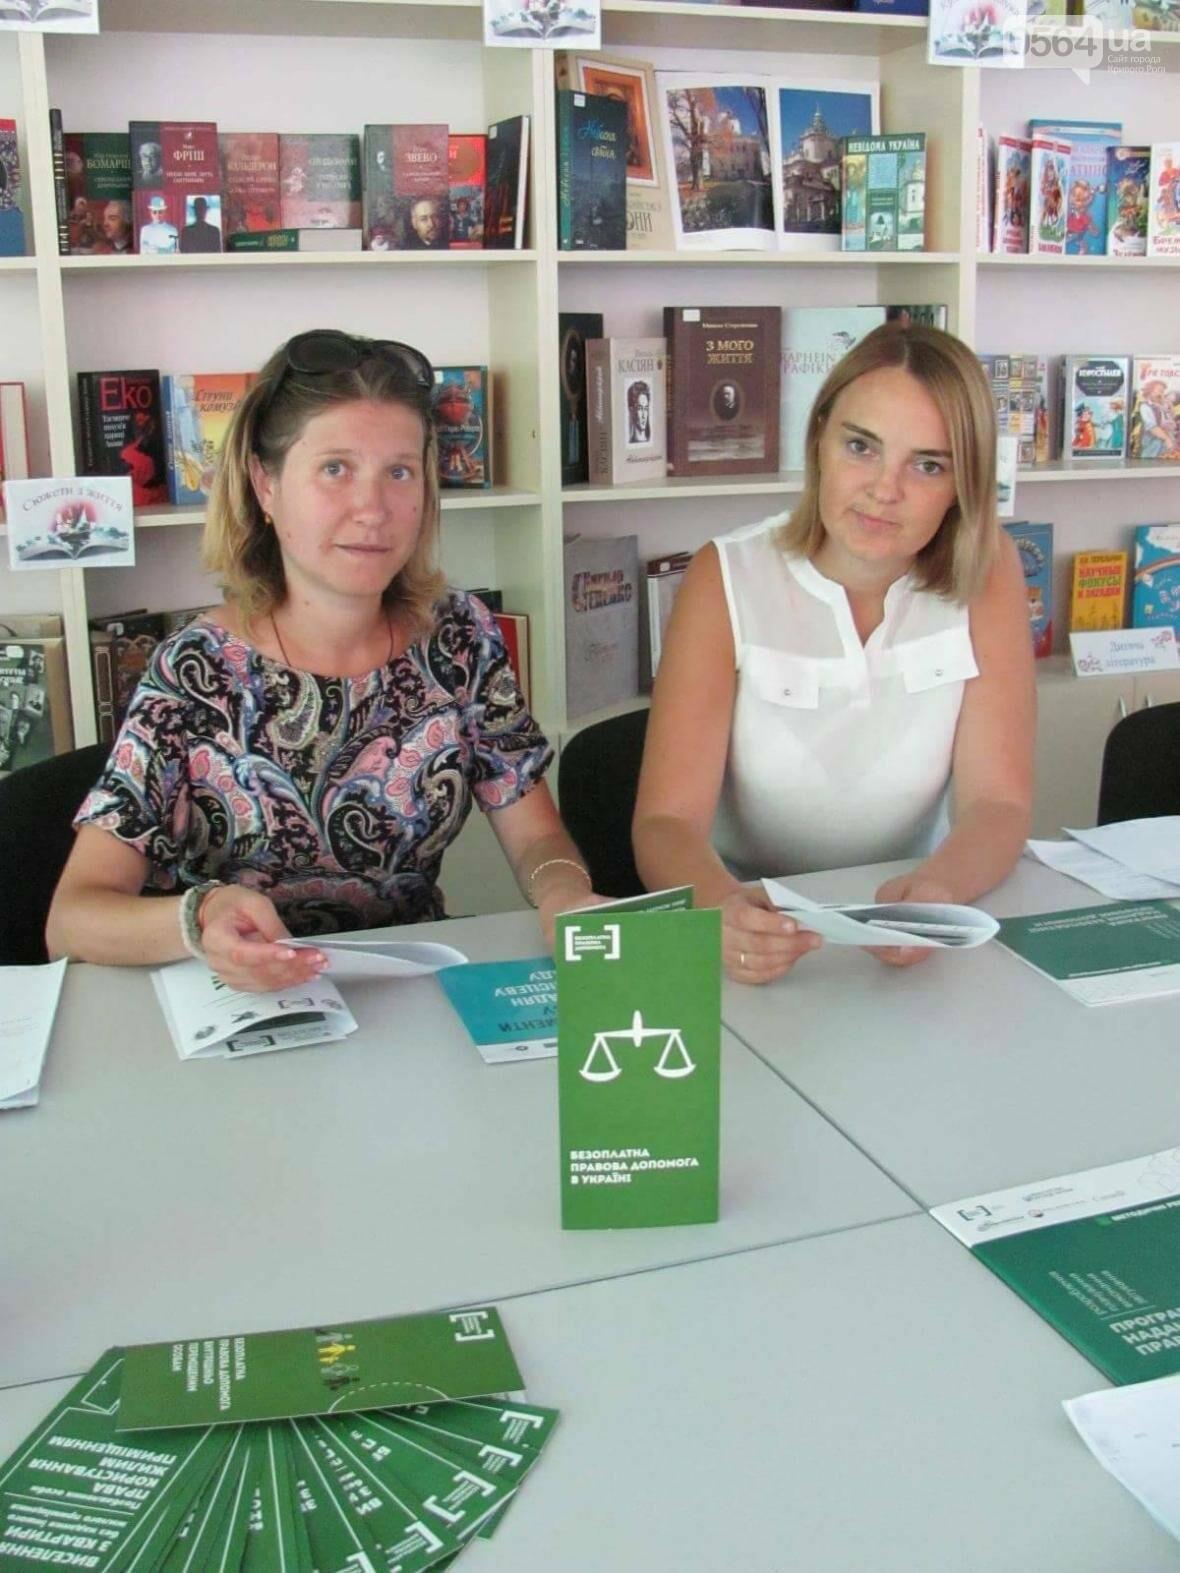 В Кривом Роге юристы и активисты объединились, чтобы изменить общество (ФОТО), фото-13